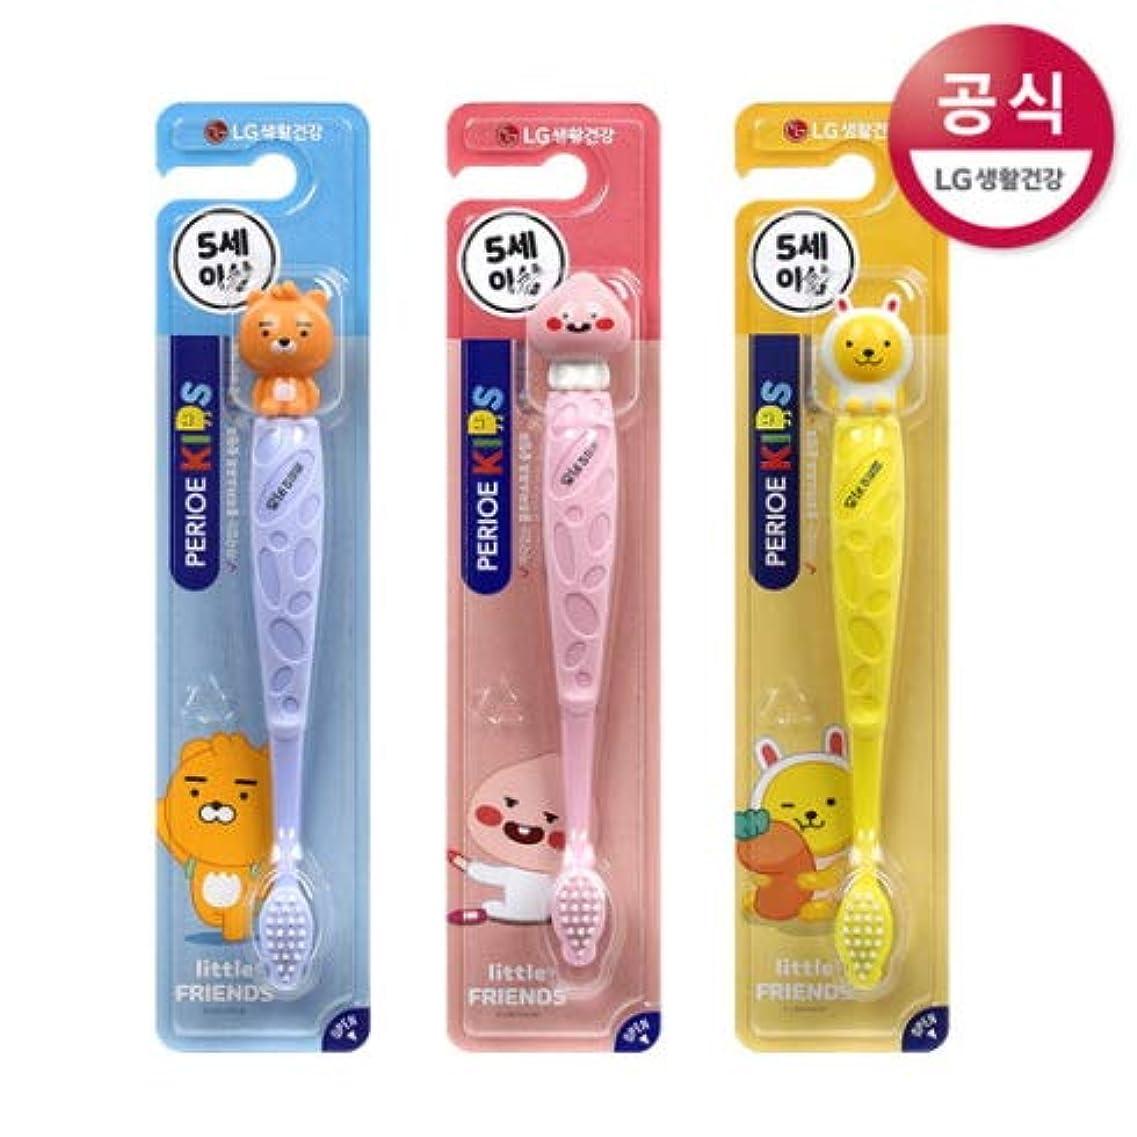 落ち着かない社員折る[LG HnB] Pero Kids Cocoa Figure Toothbrush/ペリオ子供カカオフィギュア歯ブラシ 1口x3個(海外直送品)